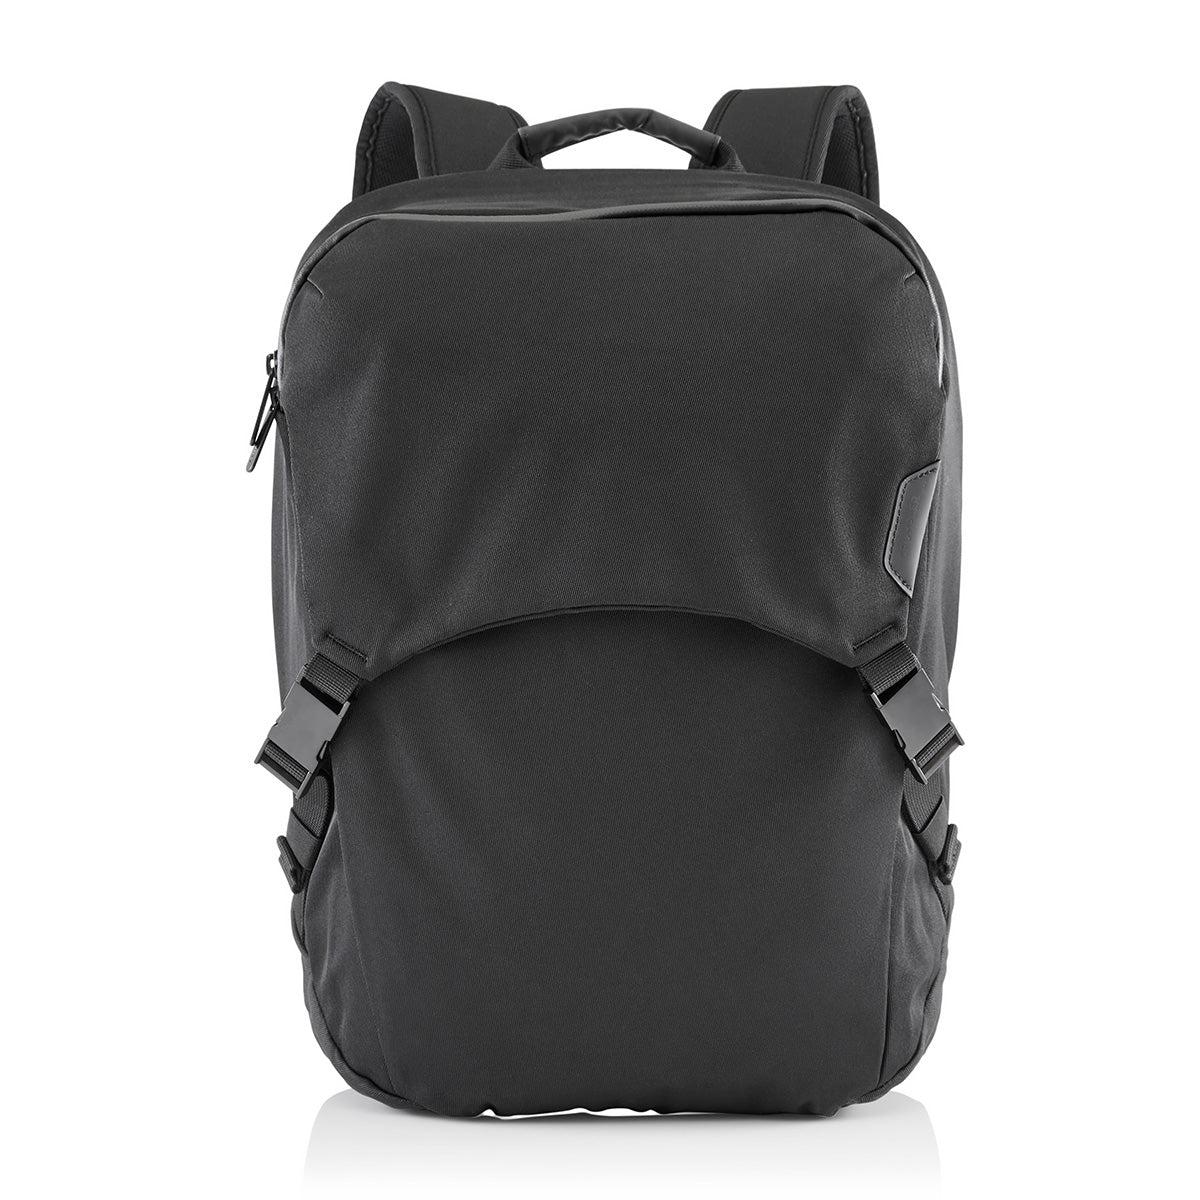 Crumpler Travel Backpack black 30 L